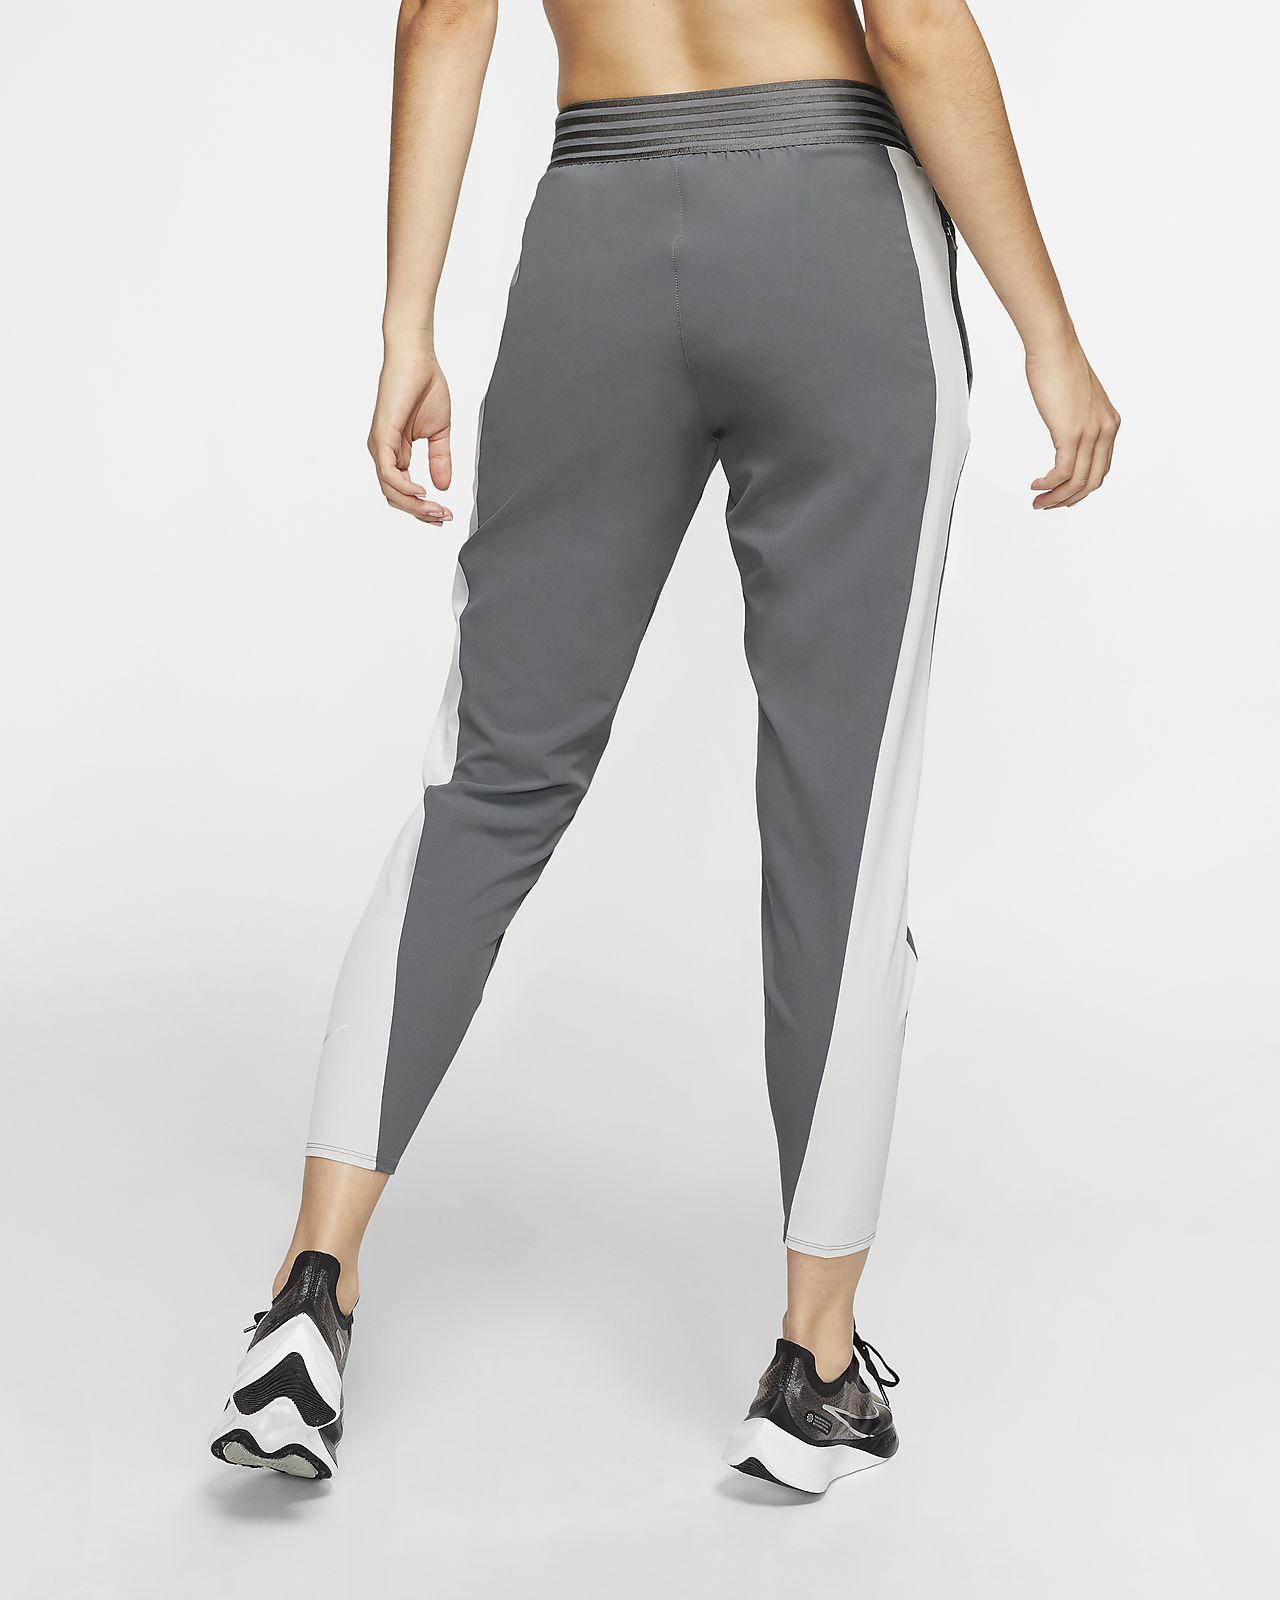 pantalon de running nike essential pour femme